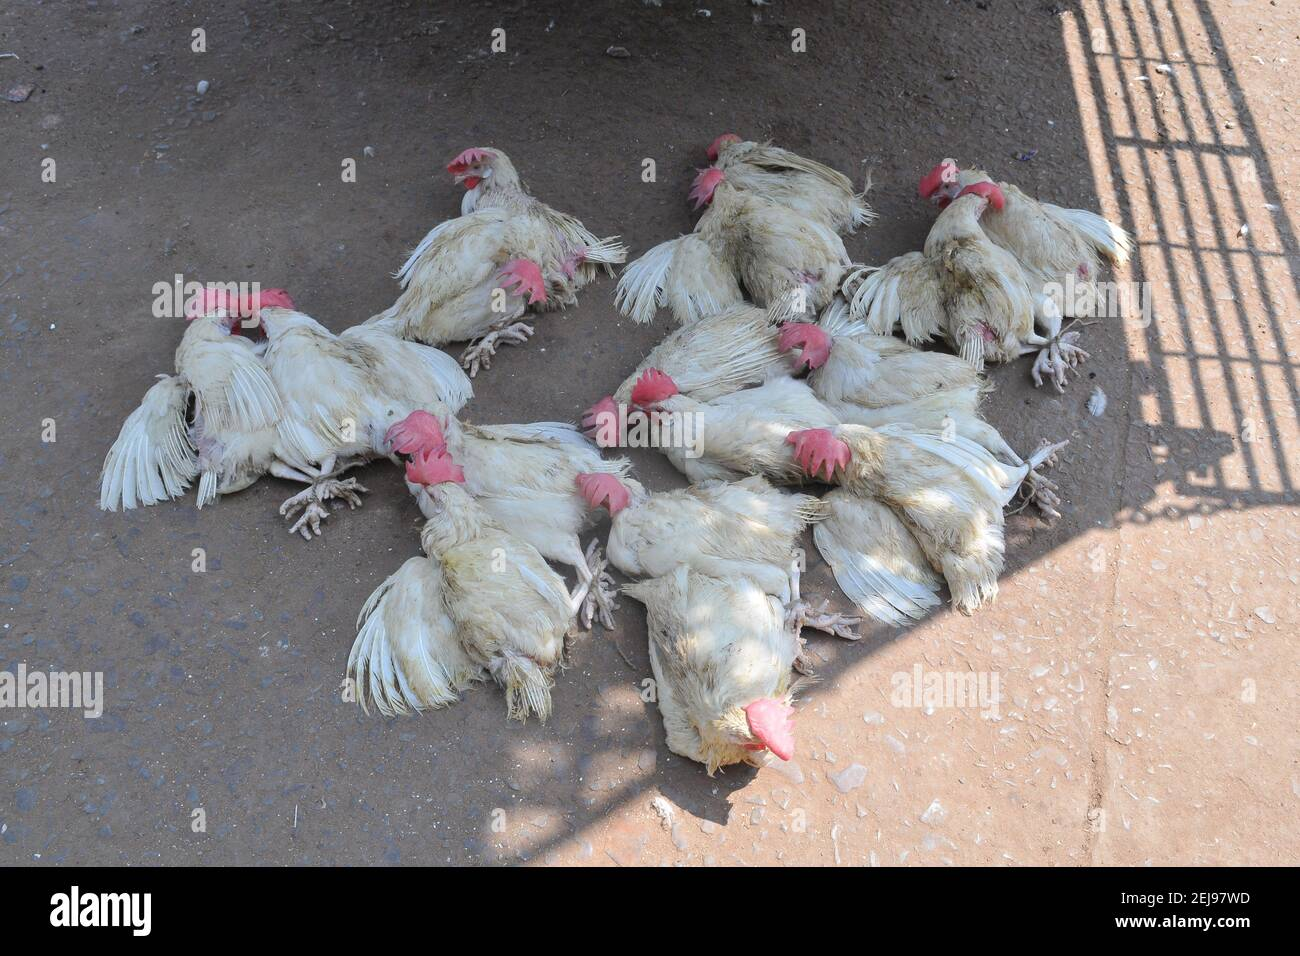 Jagdalpur- marché de l'abus d'animaux à Chhattisgarh-Inde Banque D'Images